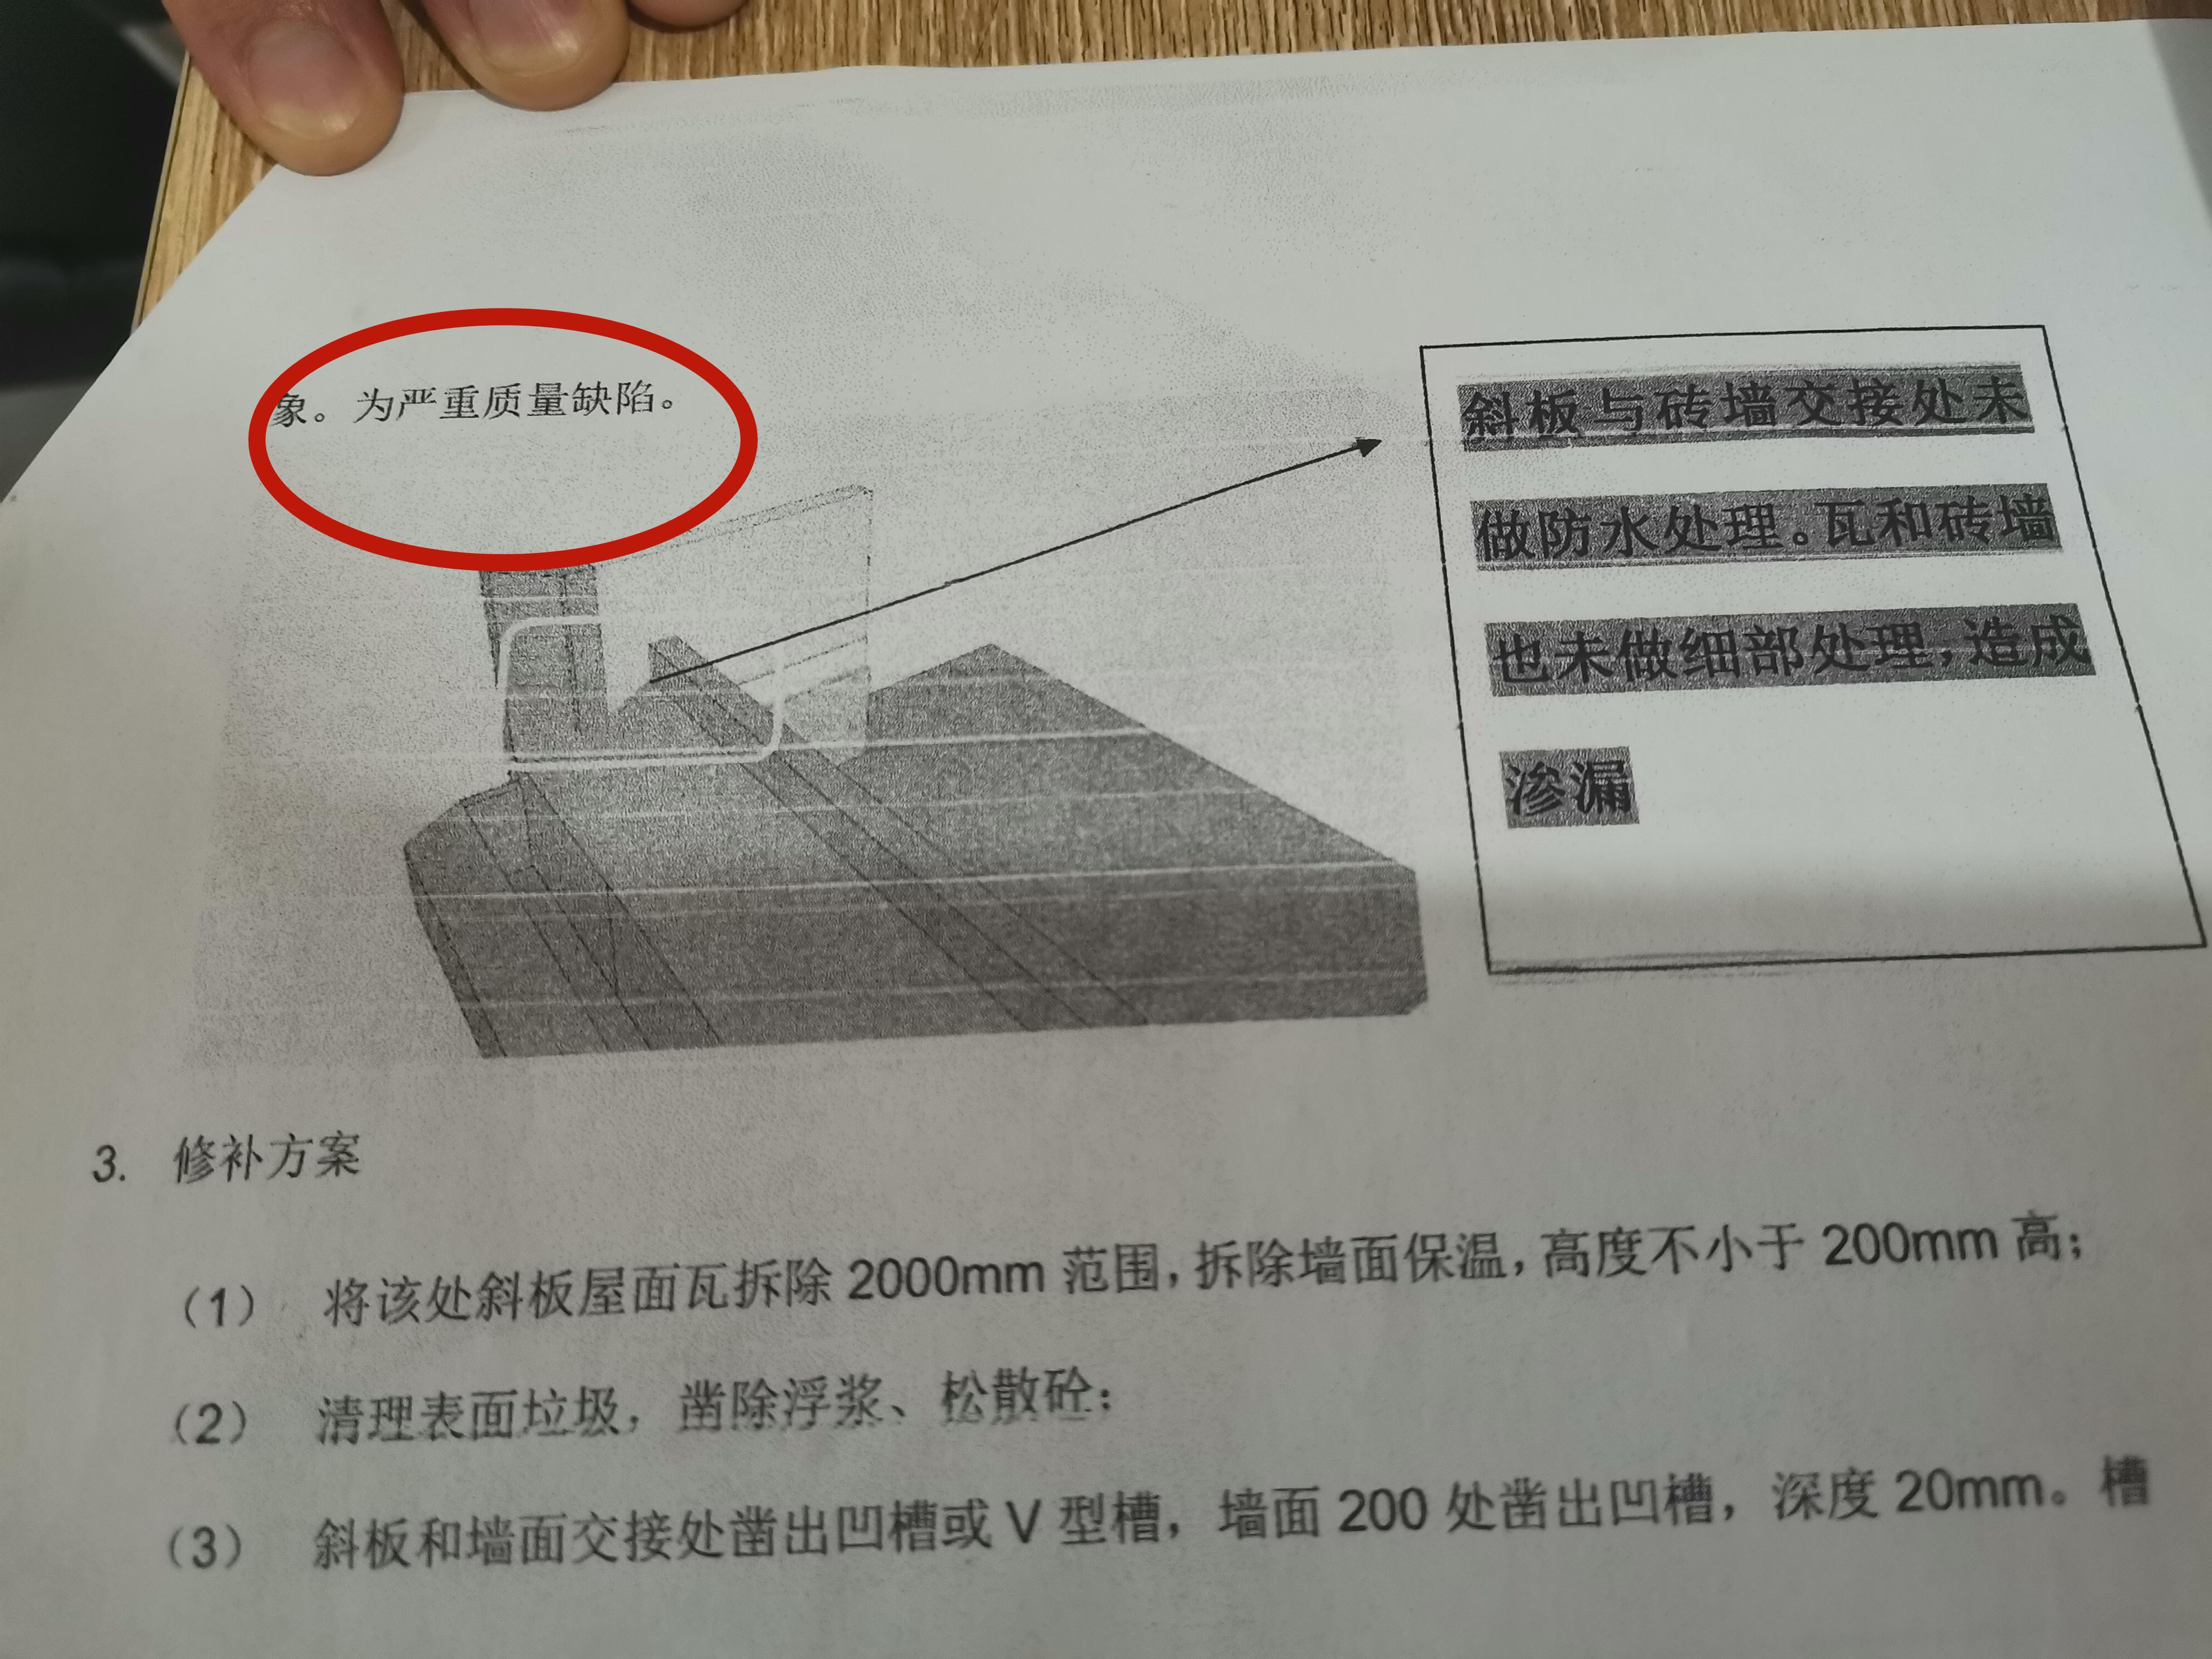 洛阳中南广场业主投诉开发商遭警告:让记者别瞎球弄,否则不给修